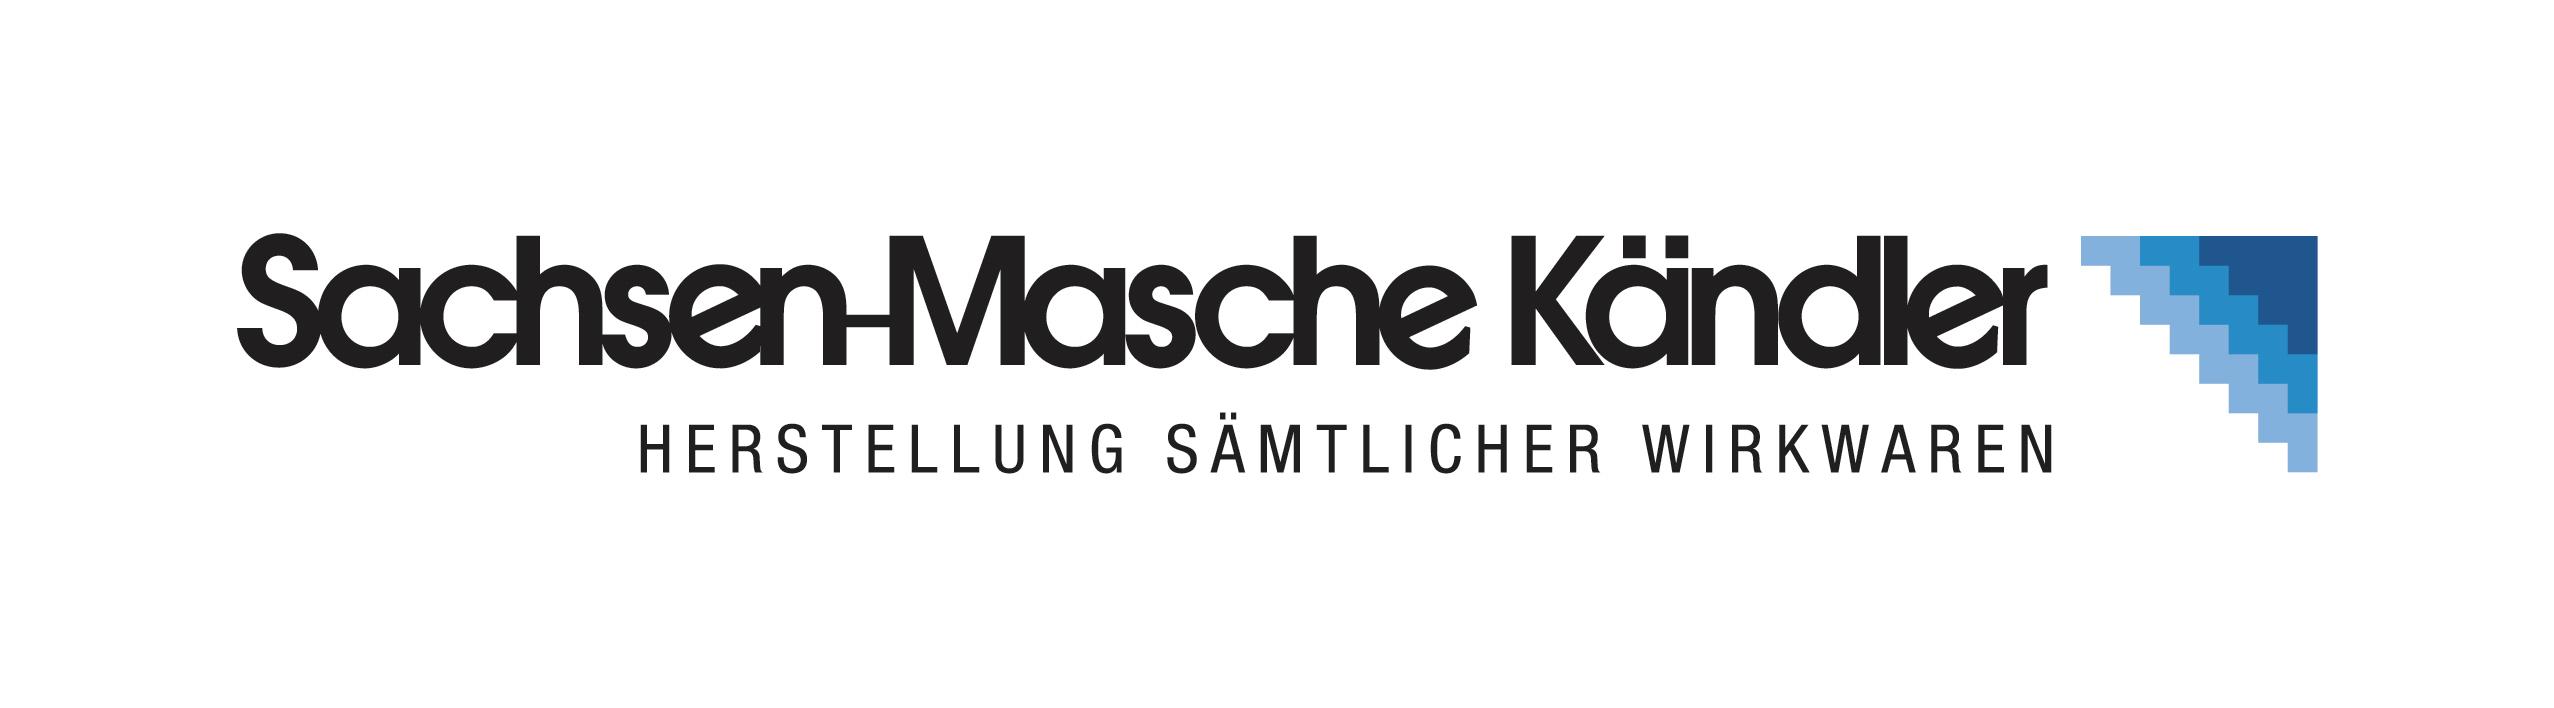 Sachsen-Masche Kändler GmbH